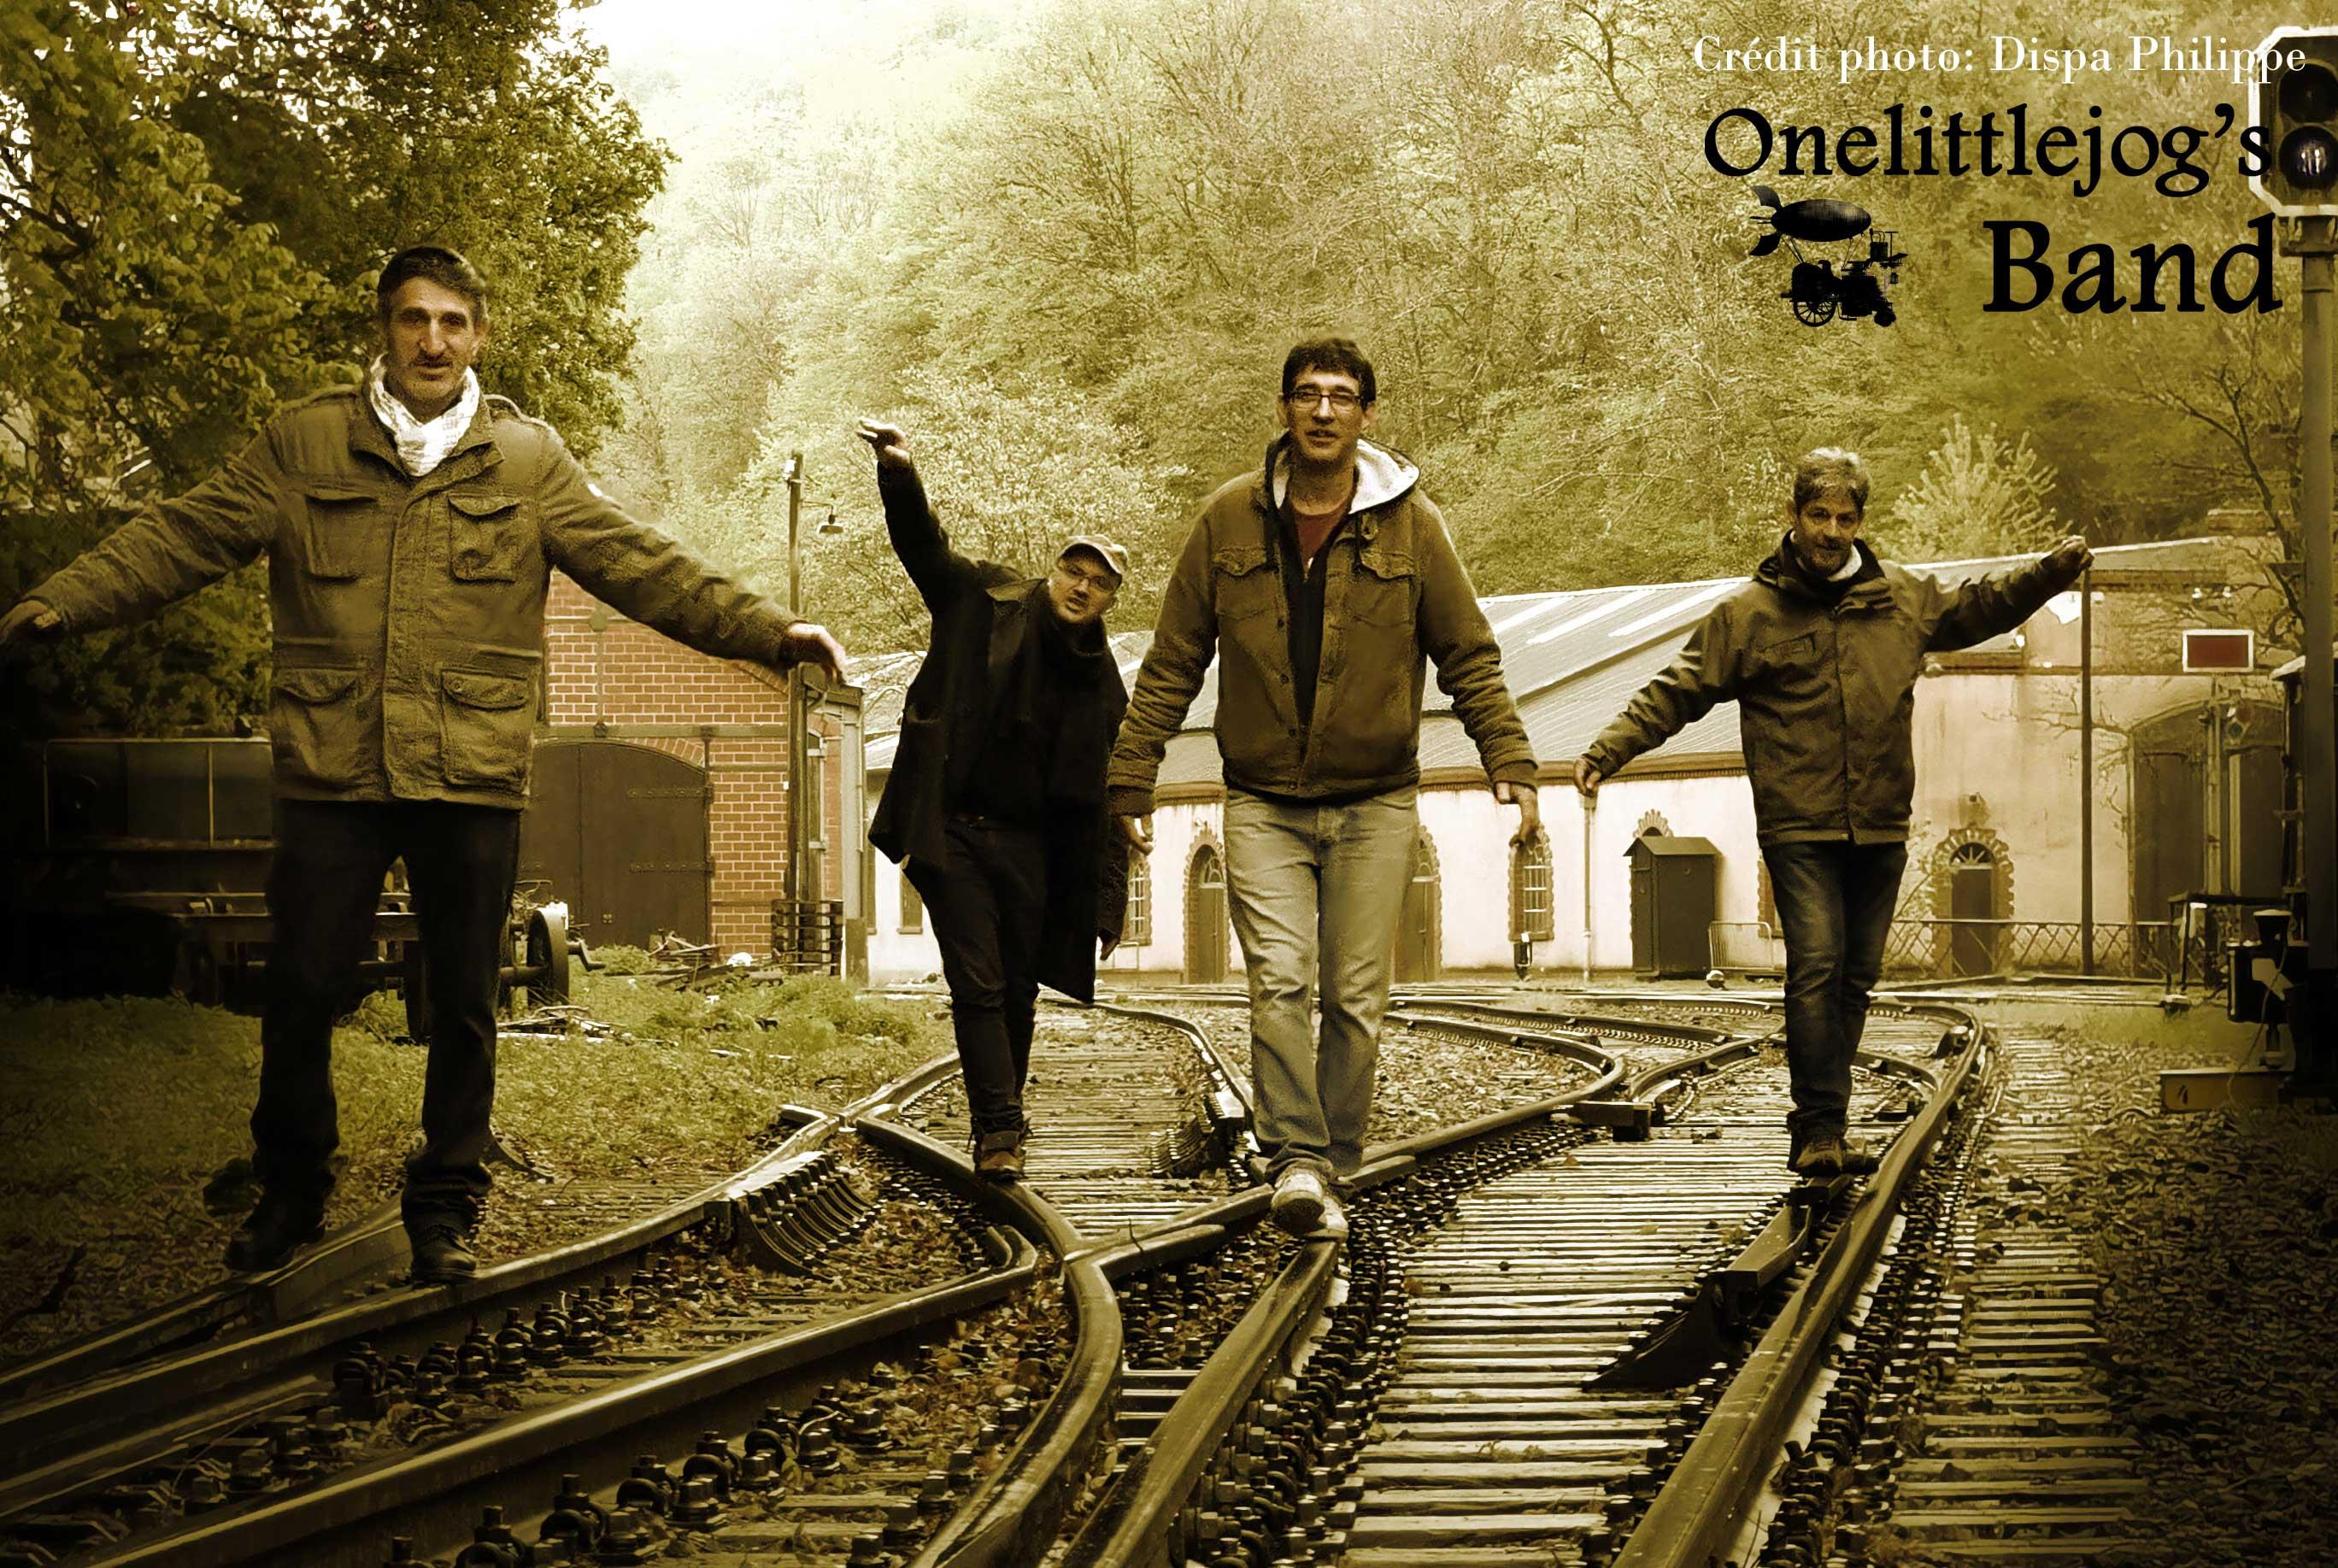 Onelittlejog's Band